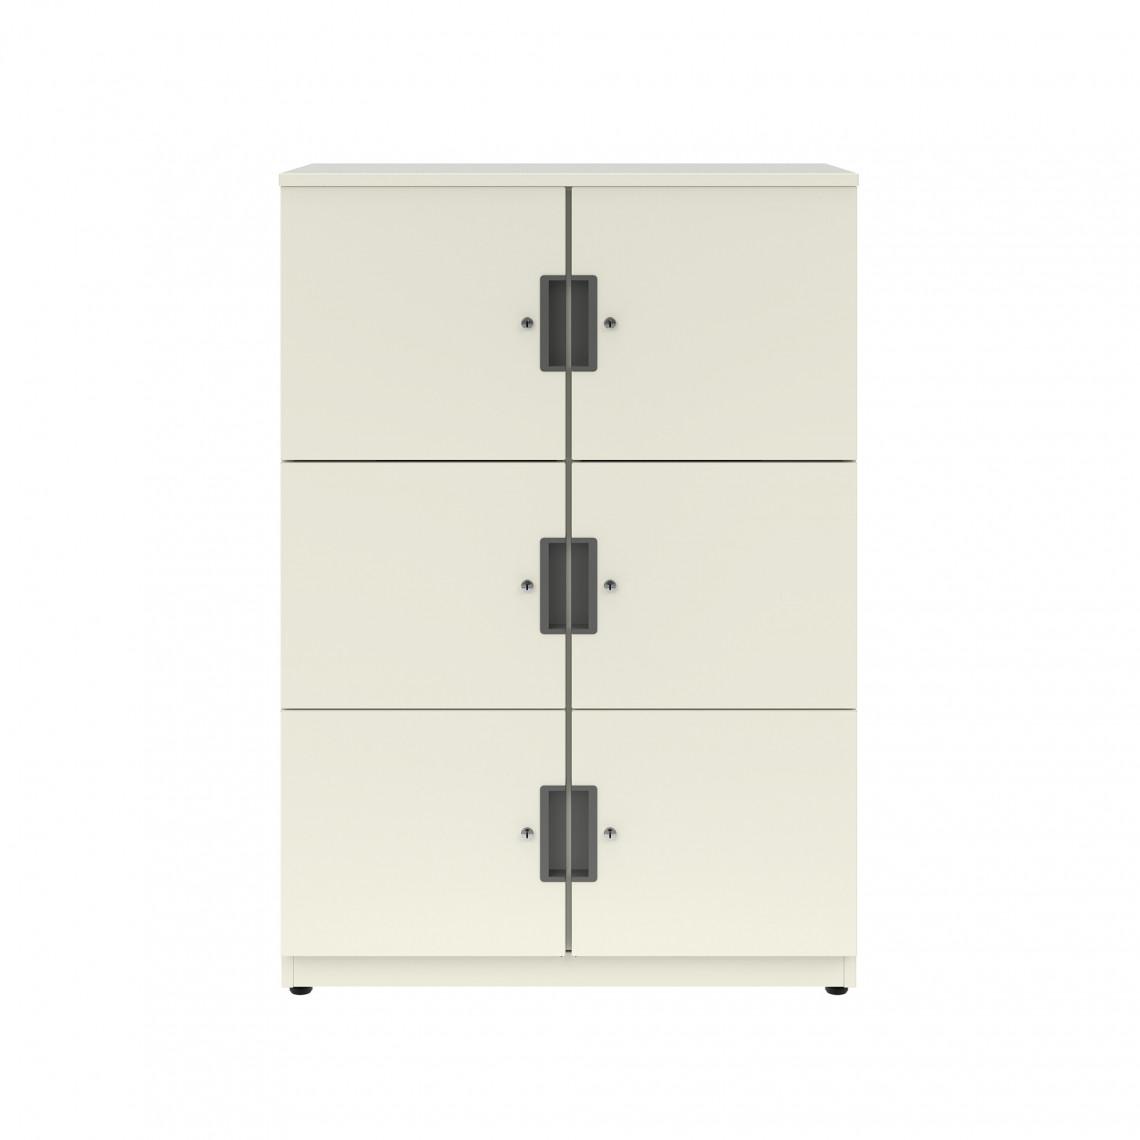 BE förvaringsskåp - 6 dörrar